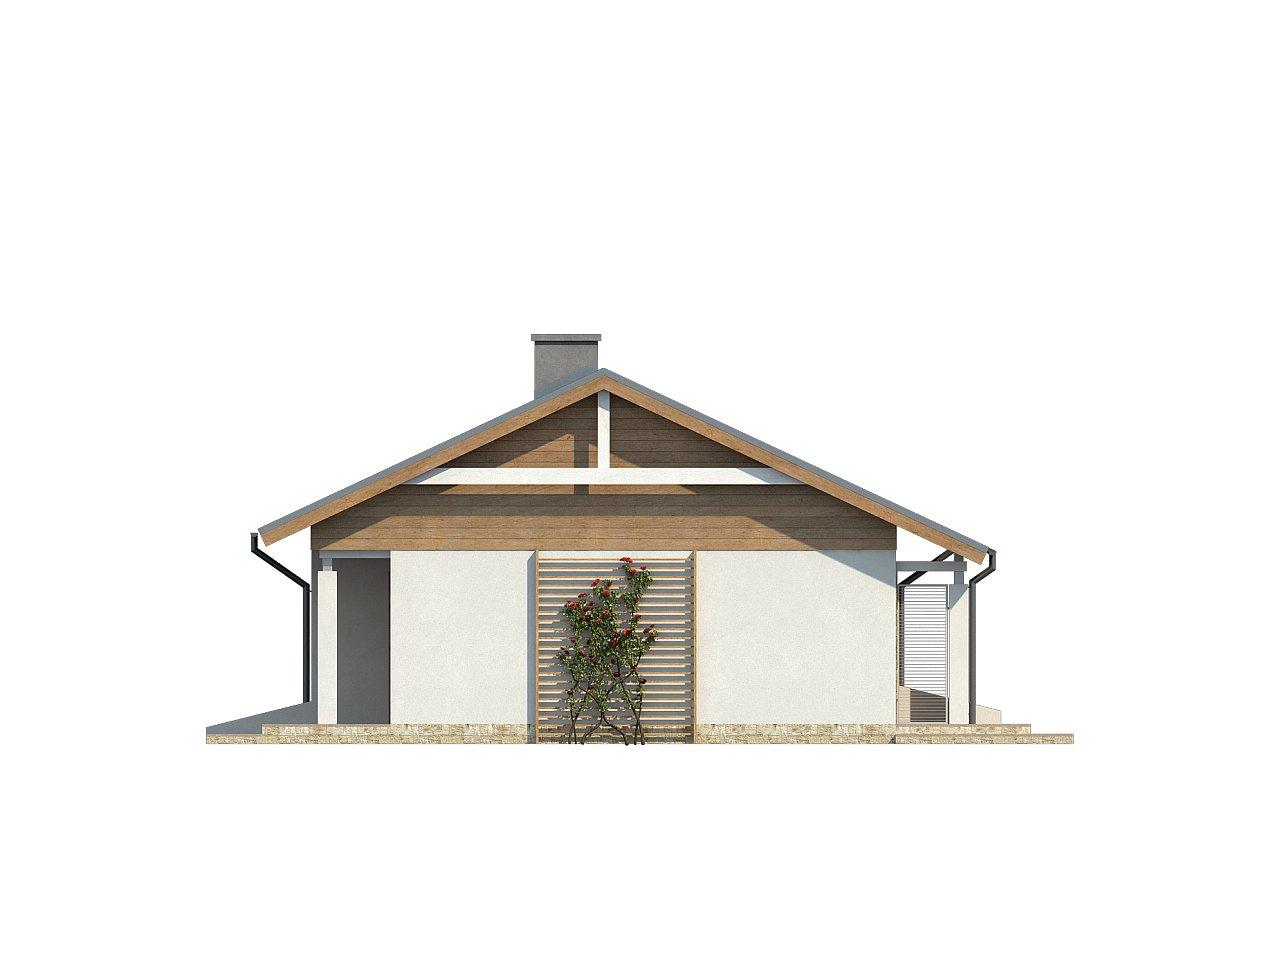 Аккуратный небольшой одноэтажный дом простой конструкции с кухней со стороны сада. 15